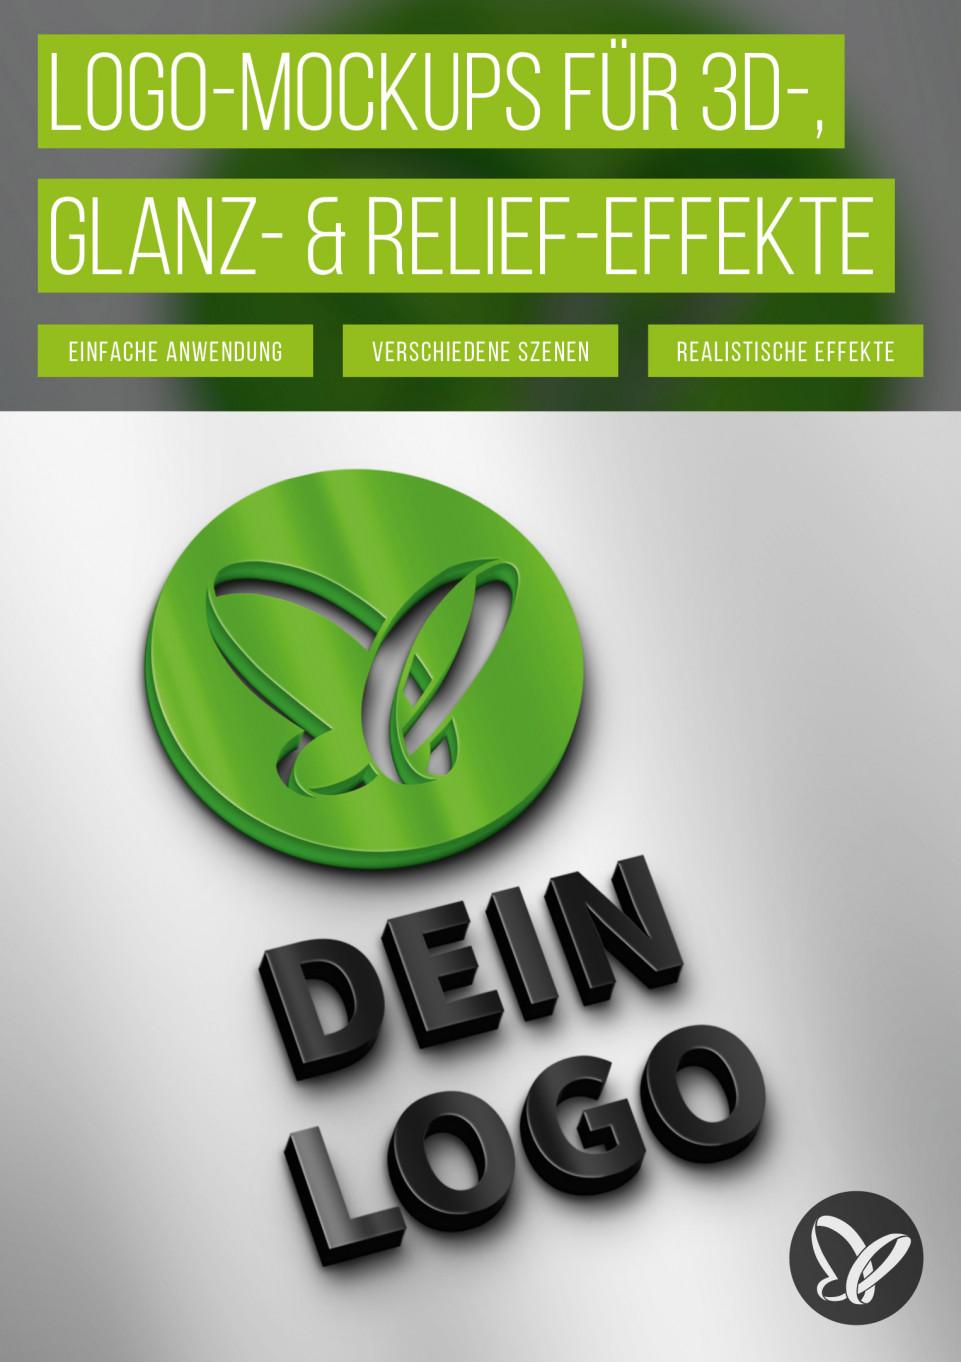 Logo-Mockups für 3D-, Glanz- und Relief-Effekte